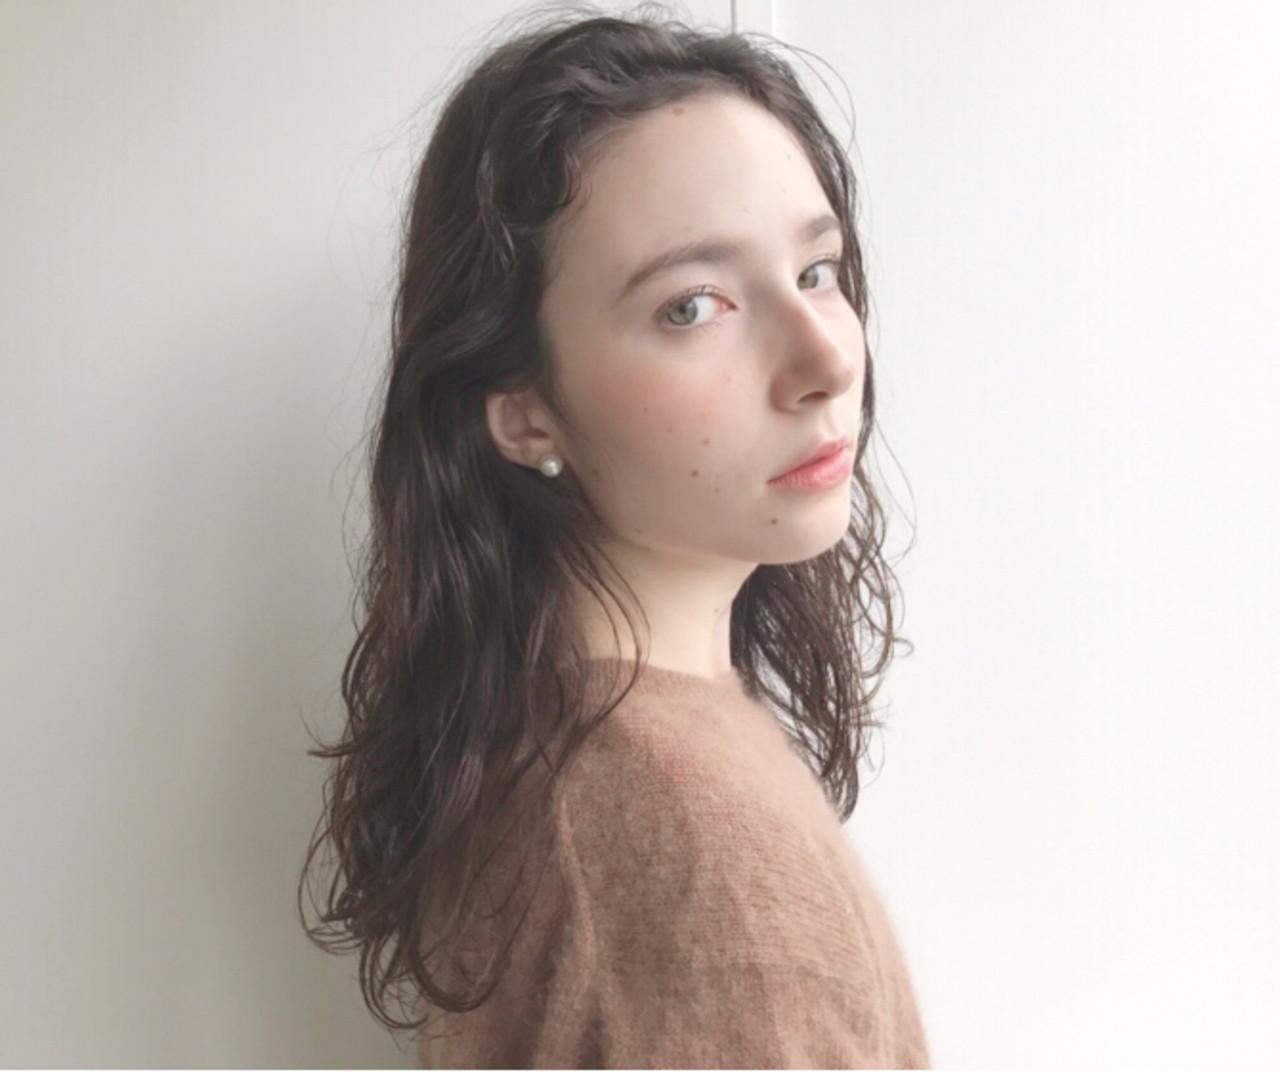 アンニュイほつれヘア ナチュラル セミロング パーマ ヘアスタイルや髪型の写真・画像